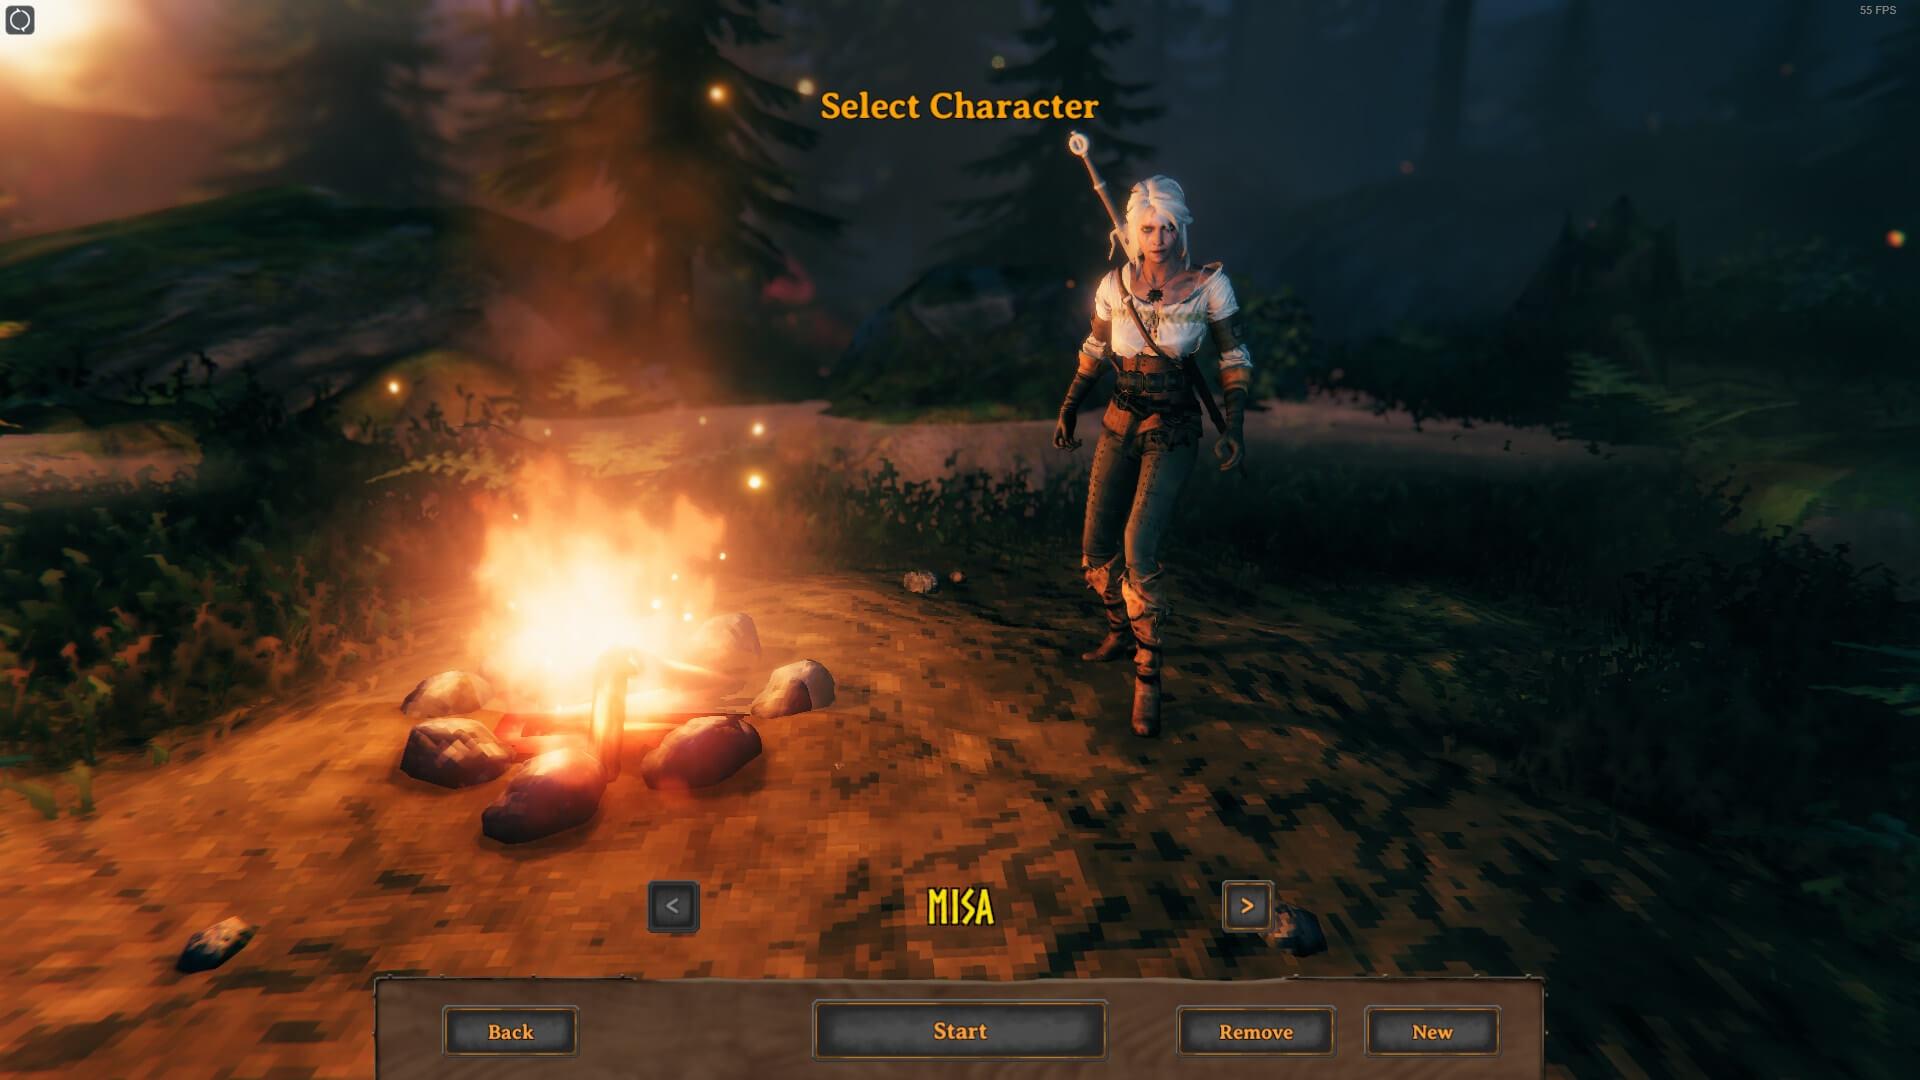 The-Witcher-3-Mod-for-Valheim-5-GamersRD (1)